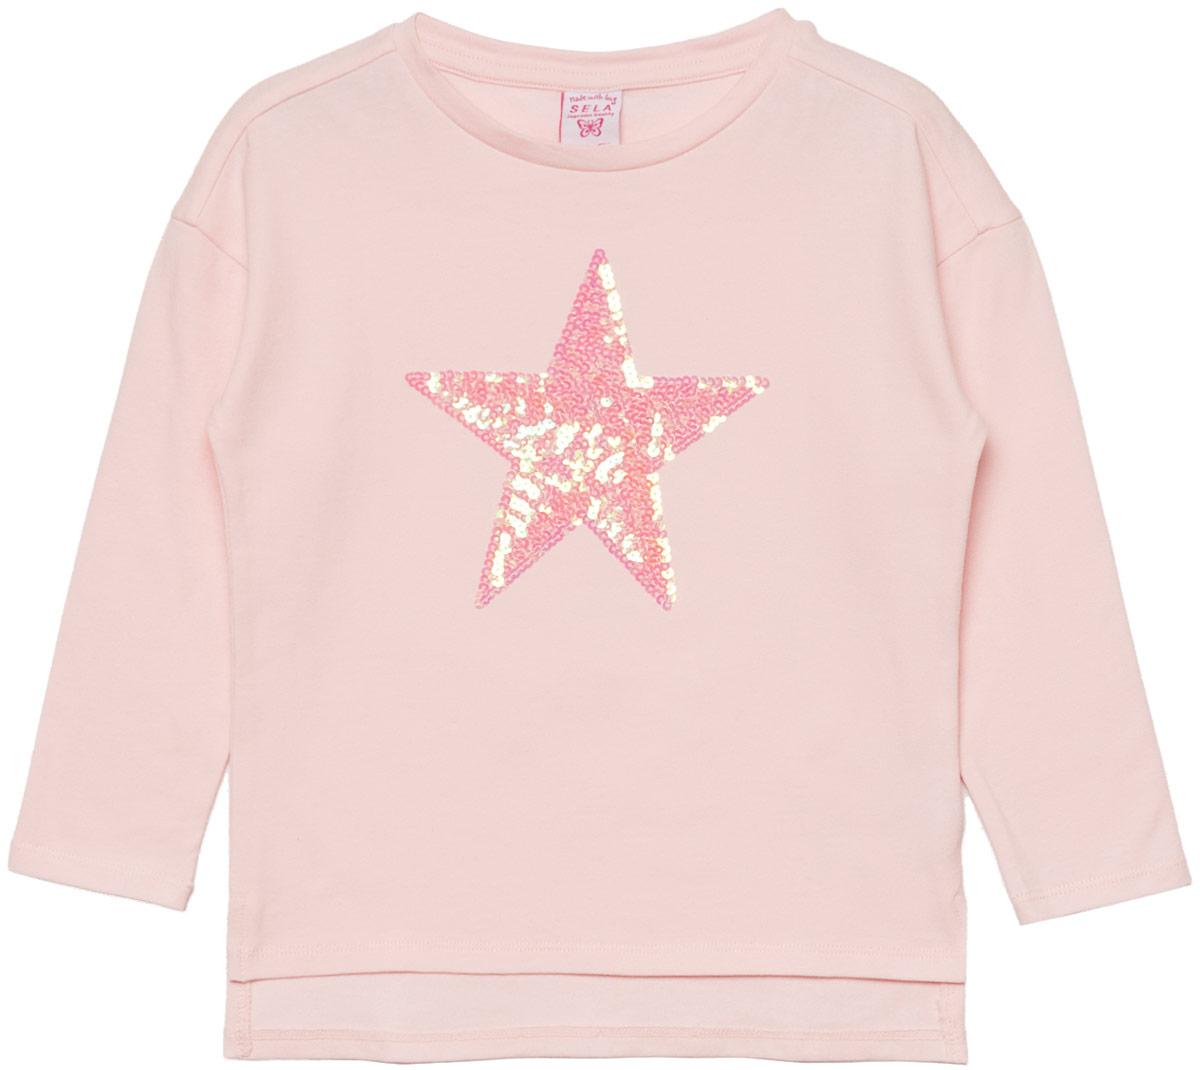 Джемпер для девочки Sela, цвет: розовый. T-511/453-8110. Размер 116T-511/453-8110Джемпер для девочки Sela выполнен из хлопка и эластана. Модель с круглым вырезом горловины и длинными рукавами.